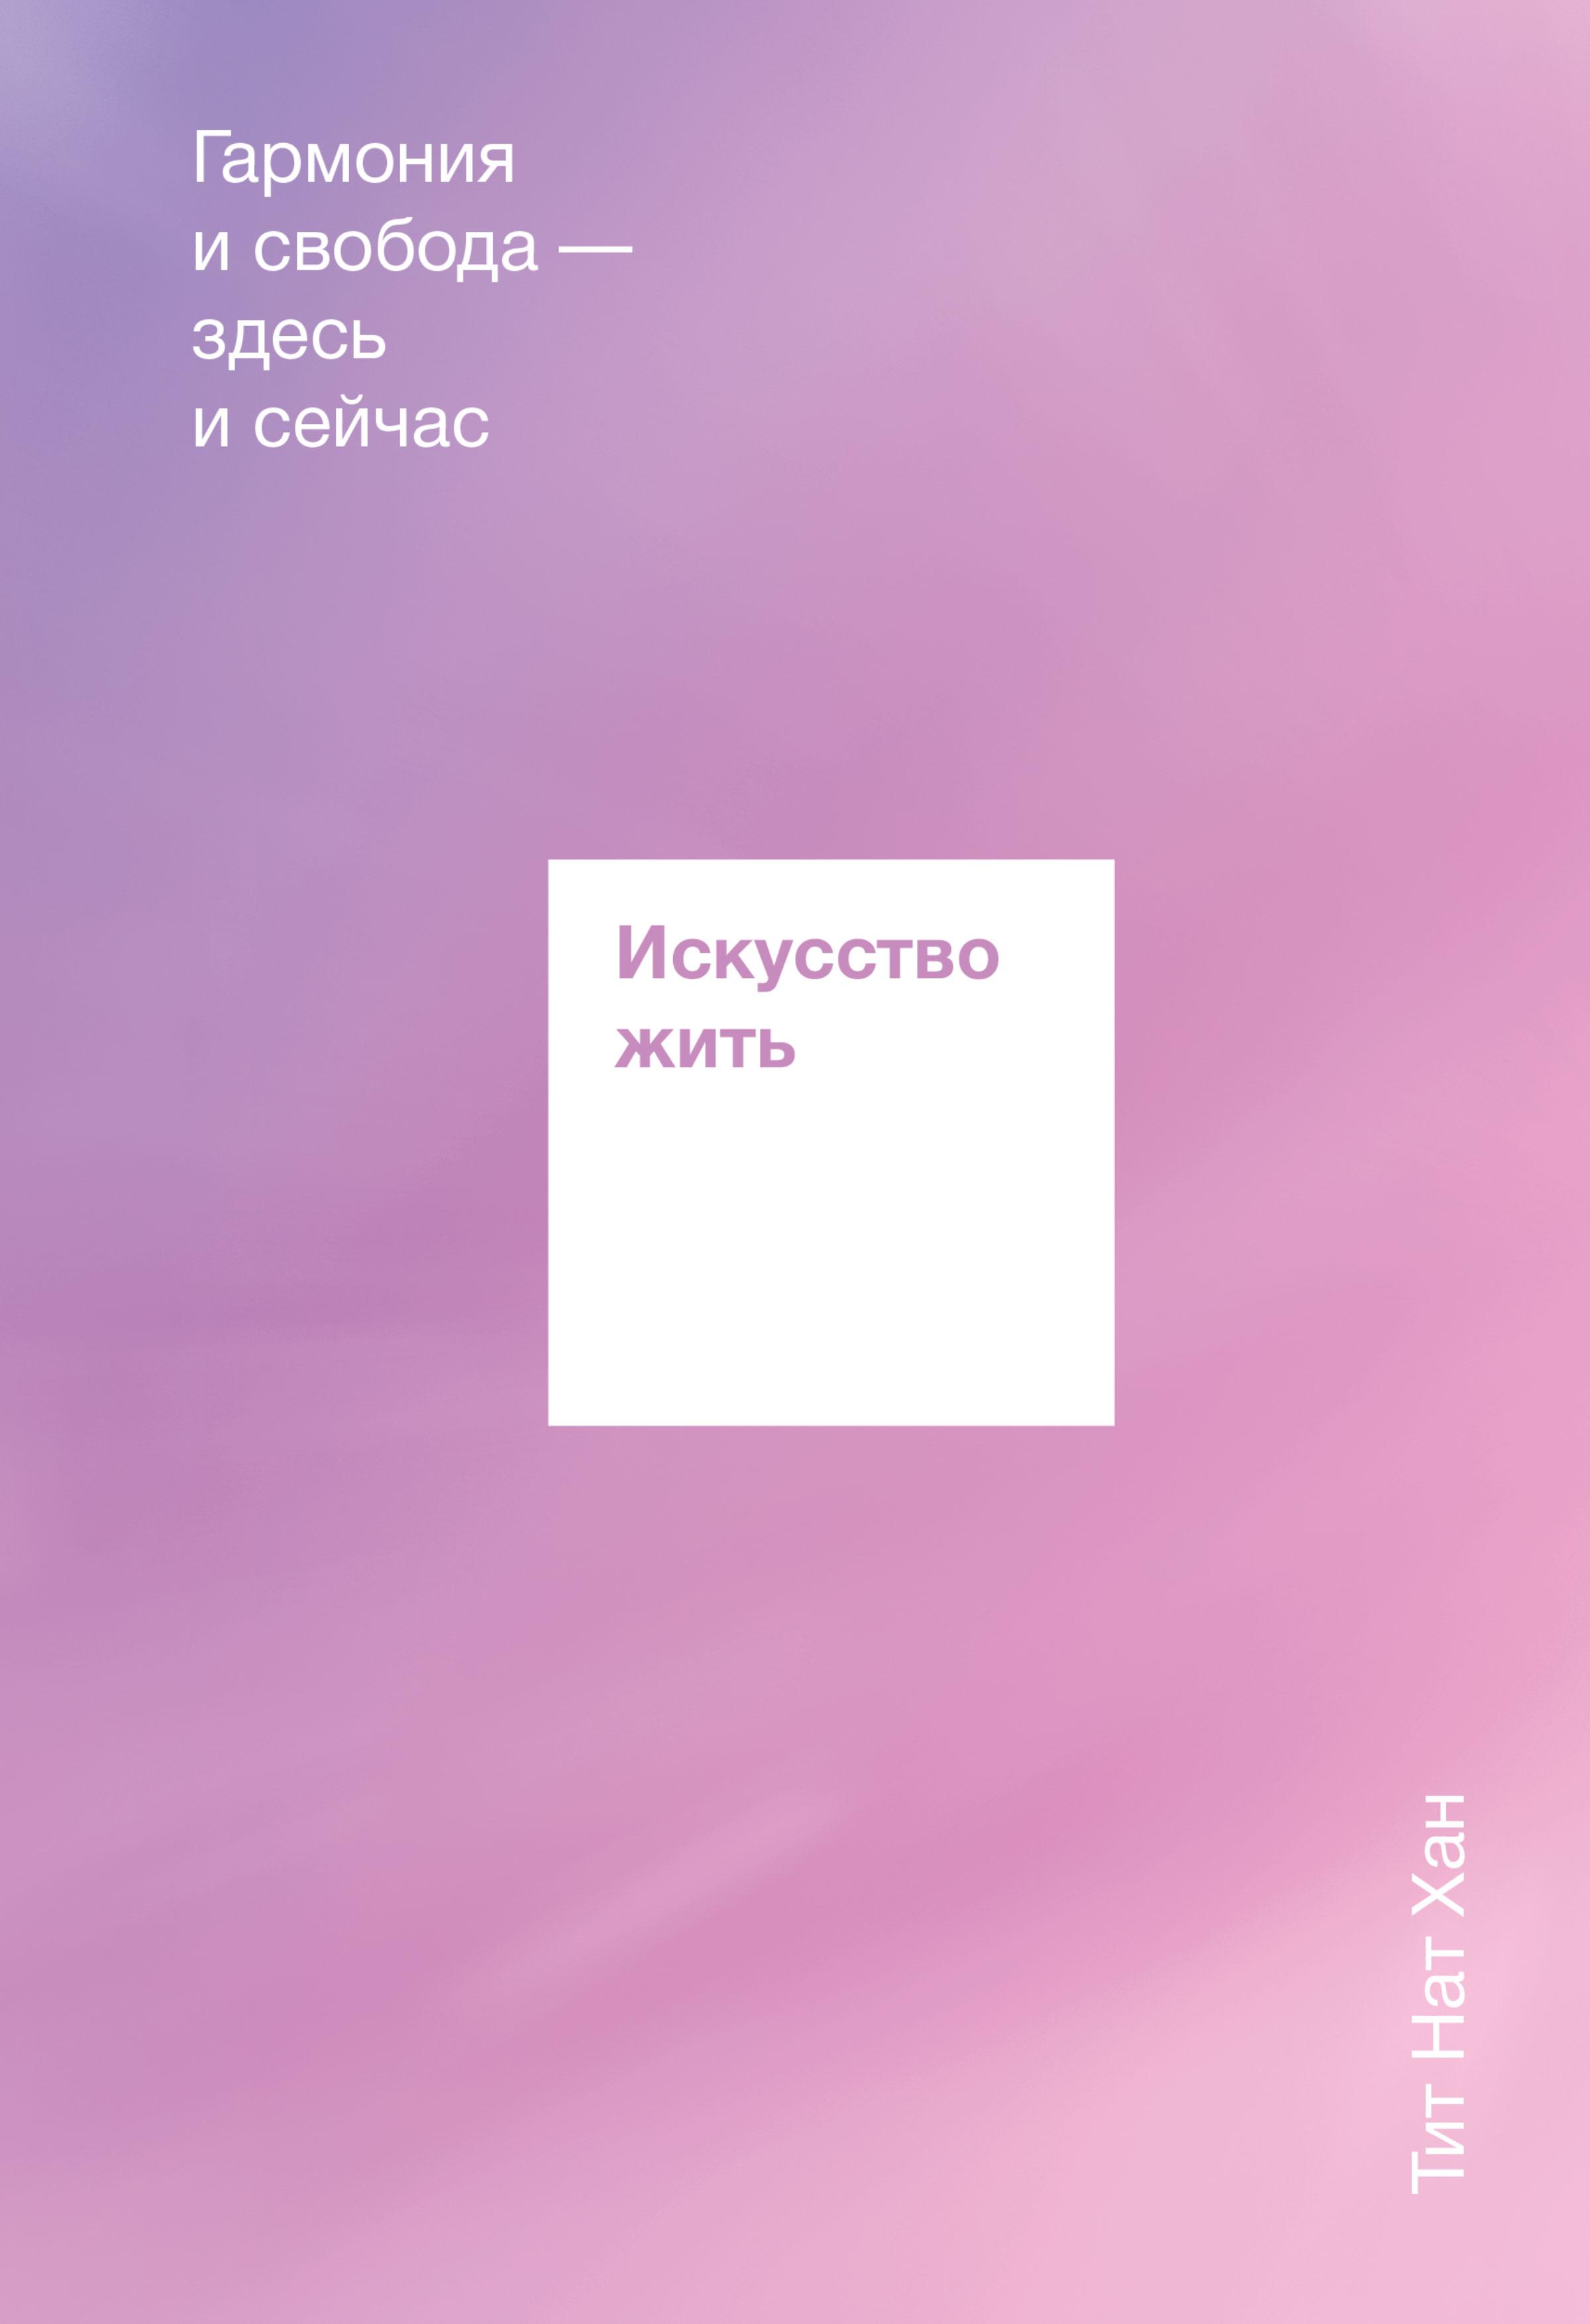 Тит Нат Хан, Юлия Гиматова, Ольга Турухина «Искусство жить. Гармония и свобода здесь и сейчас»